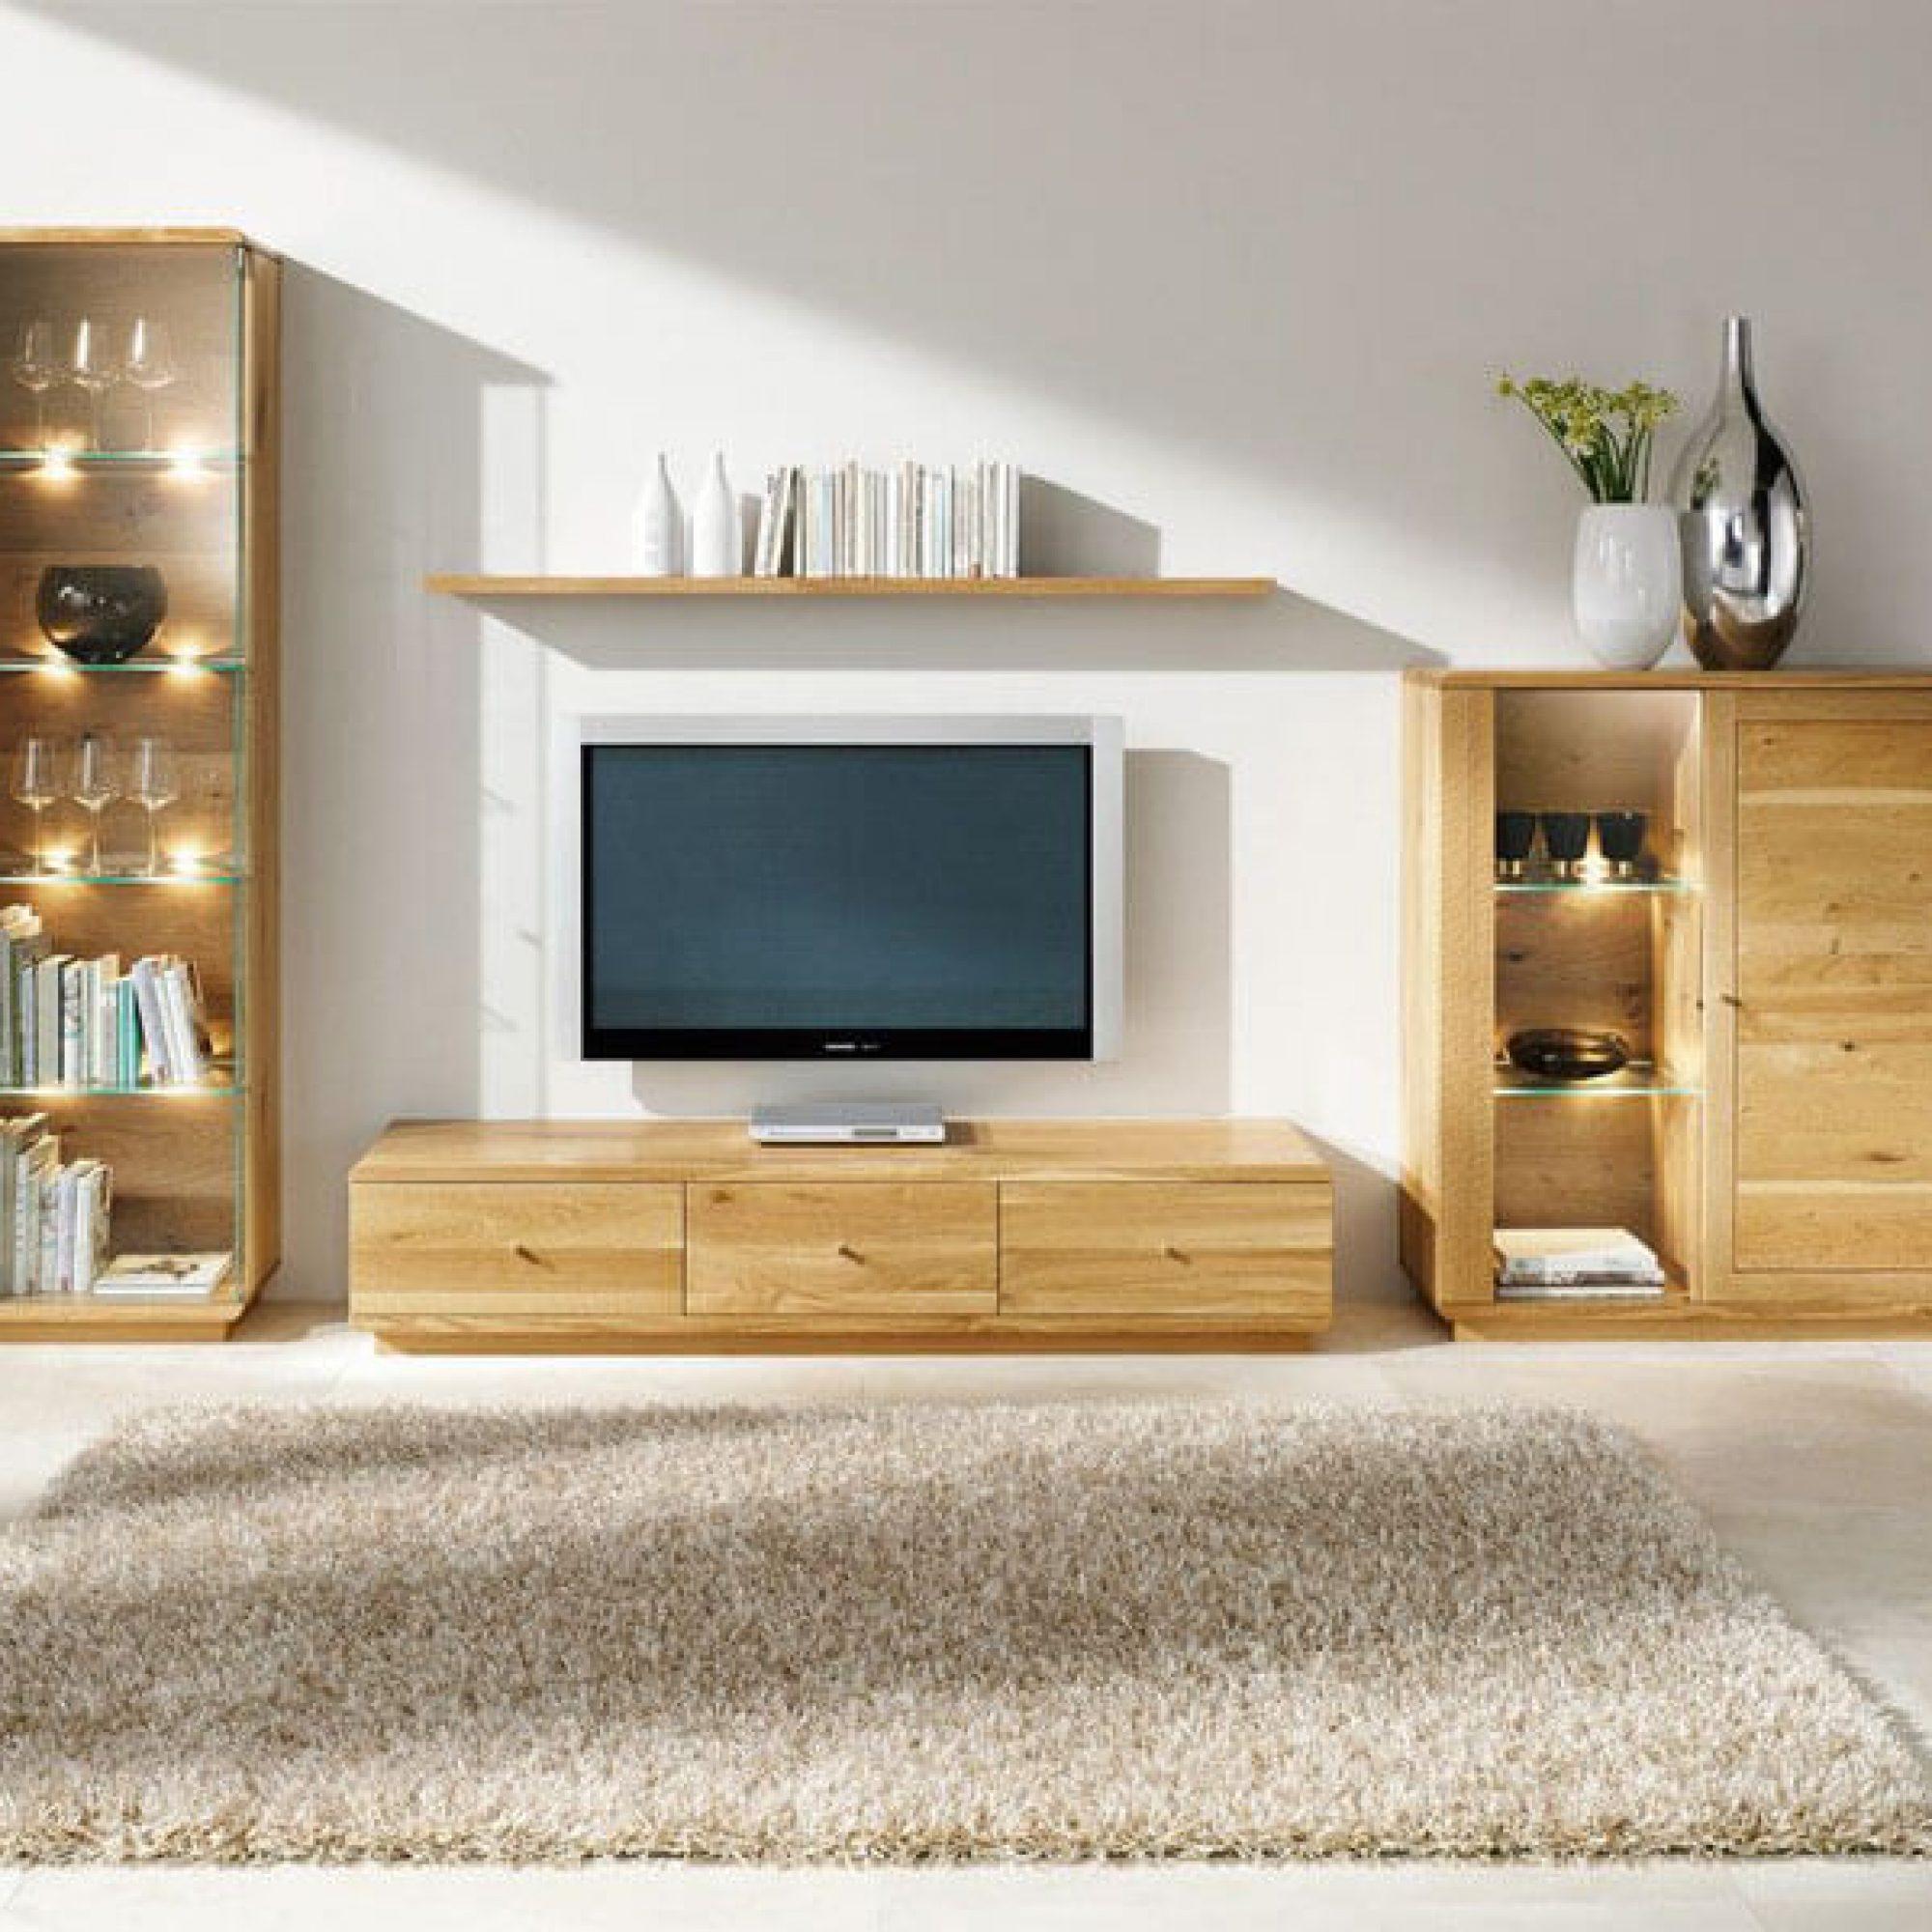 freudenreich-wohnstudio-brader-moebel14132100248